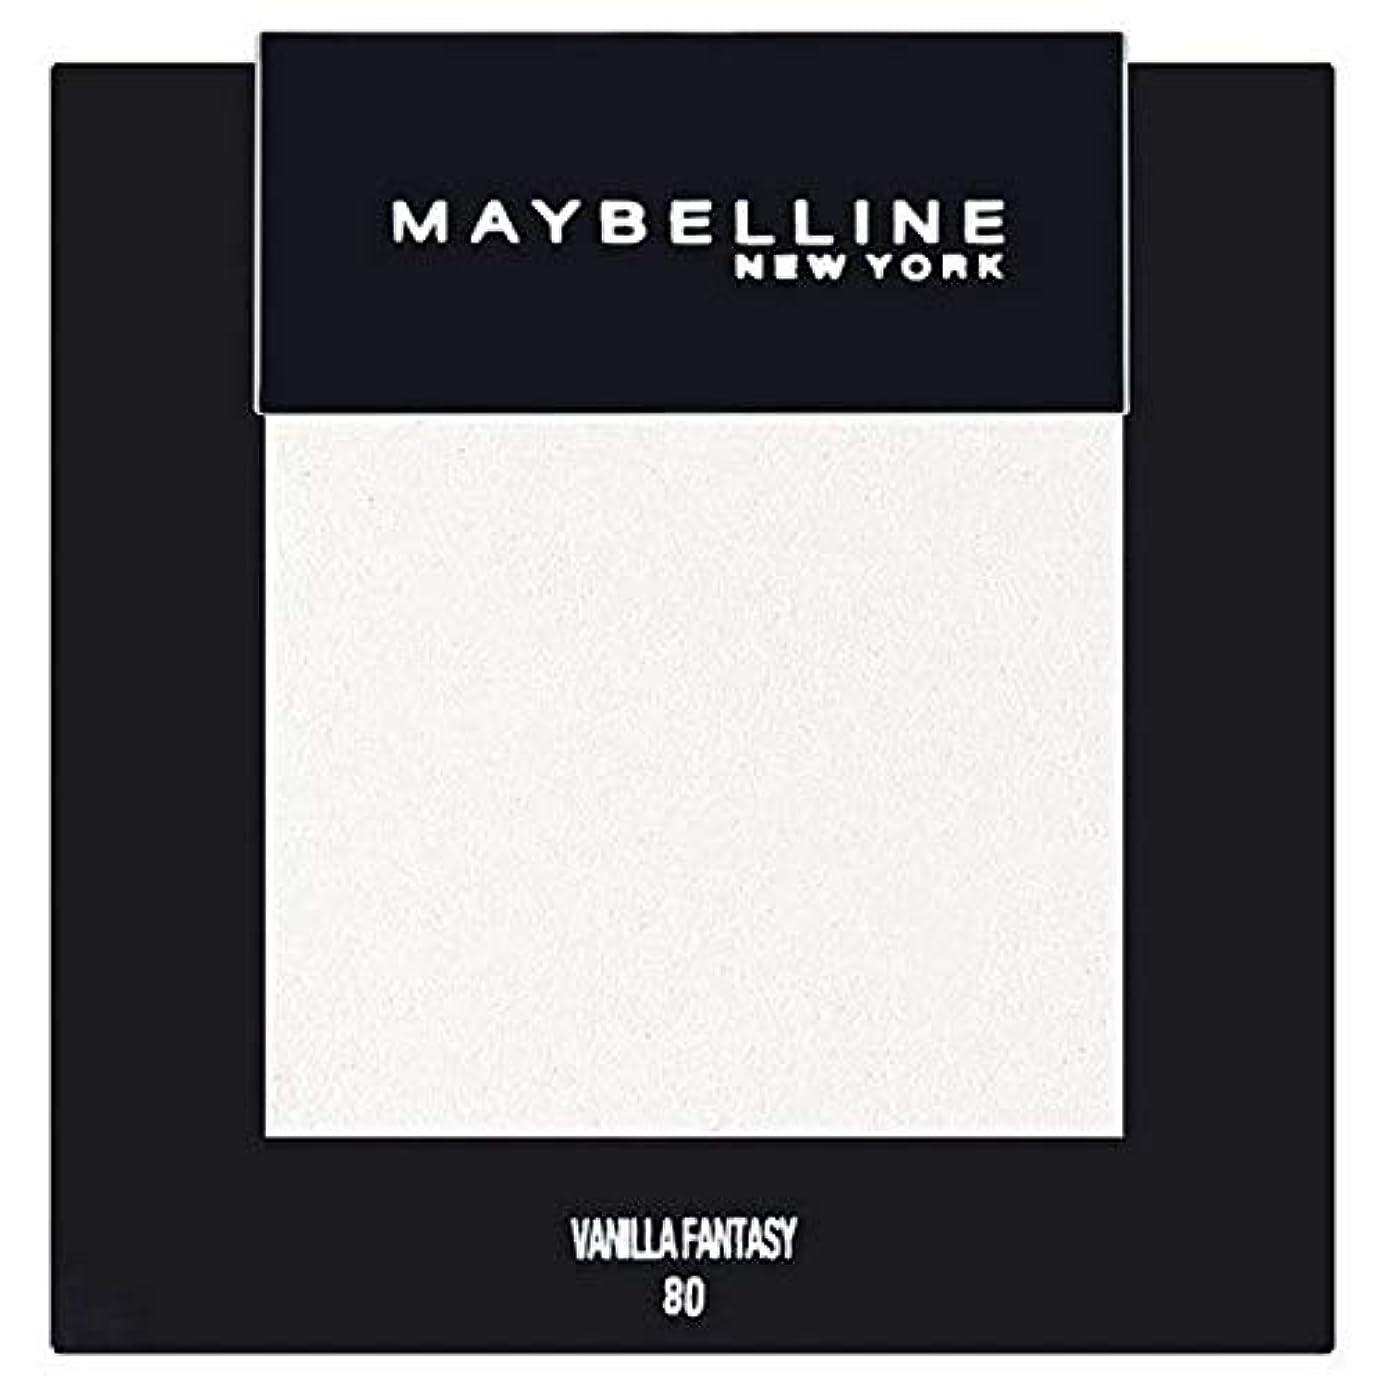 悪名高い紛争アルバム[Maybelline ] メイベリンカラーショーシングルアイシャドウ80バニラ - Maybelline Color Show Single Eyeshadow 80 Vanilla [並行輸入品]